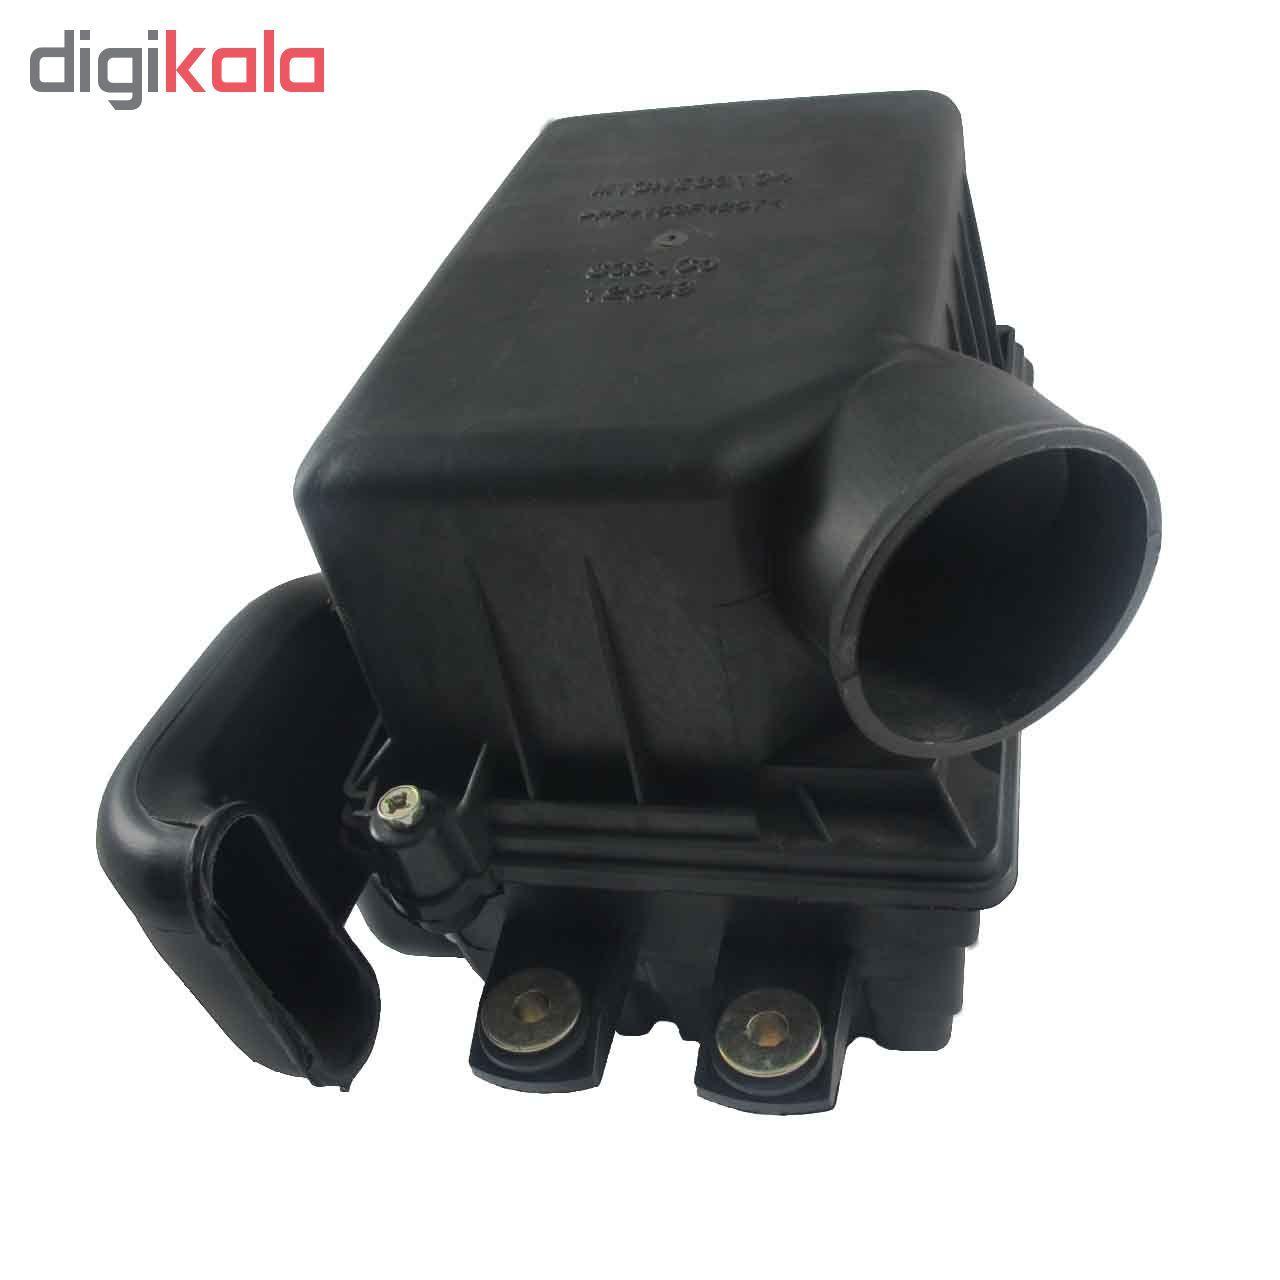 محفظه هواکش موتور خودرو بیکیاس کو. کد 81125001 مناسب برای پراید main 1 1